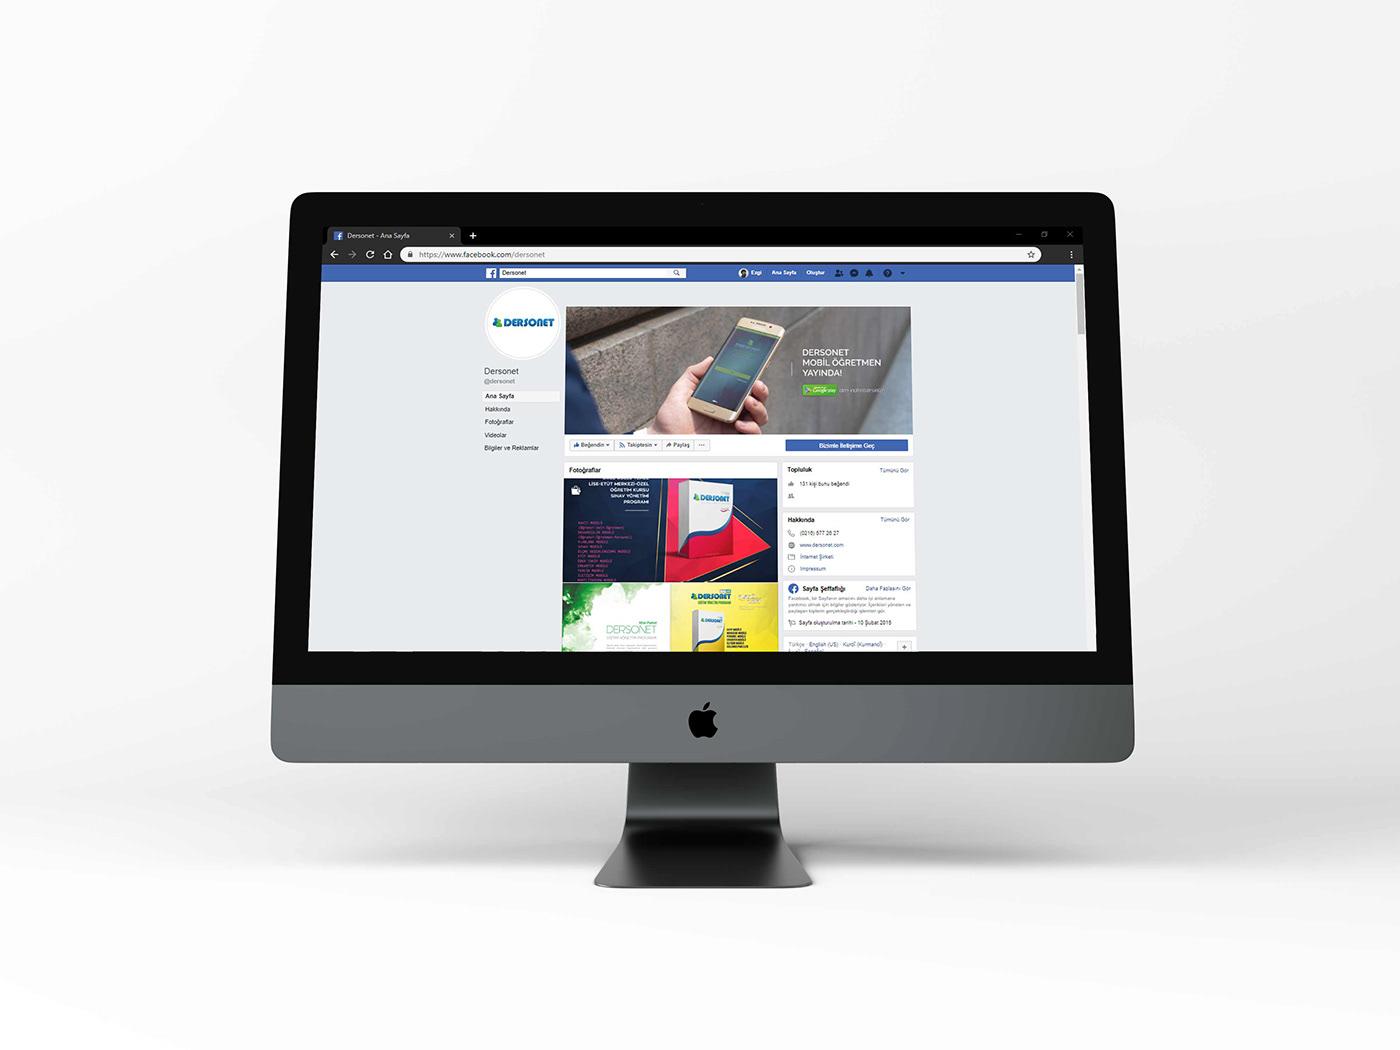 dersonet datasis facebook twitter instagram post design cover design social media digital media branding